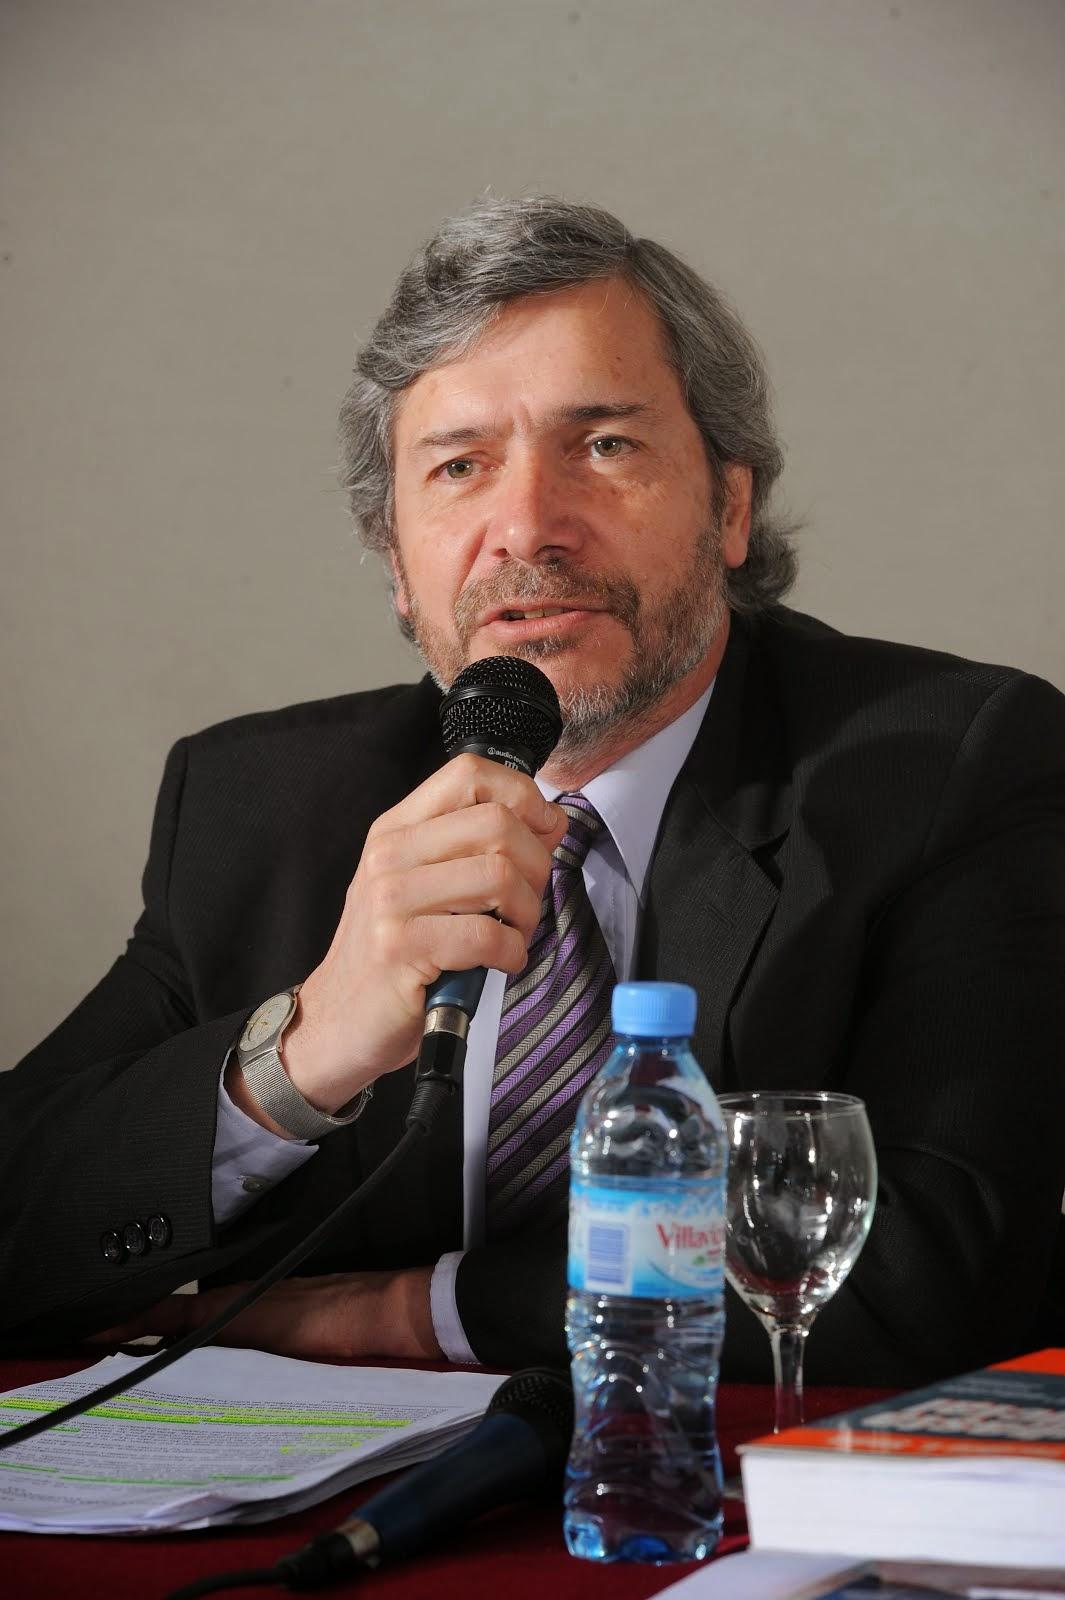 Toribio Enrique Sosa